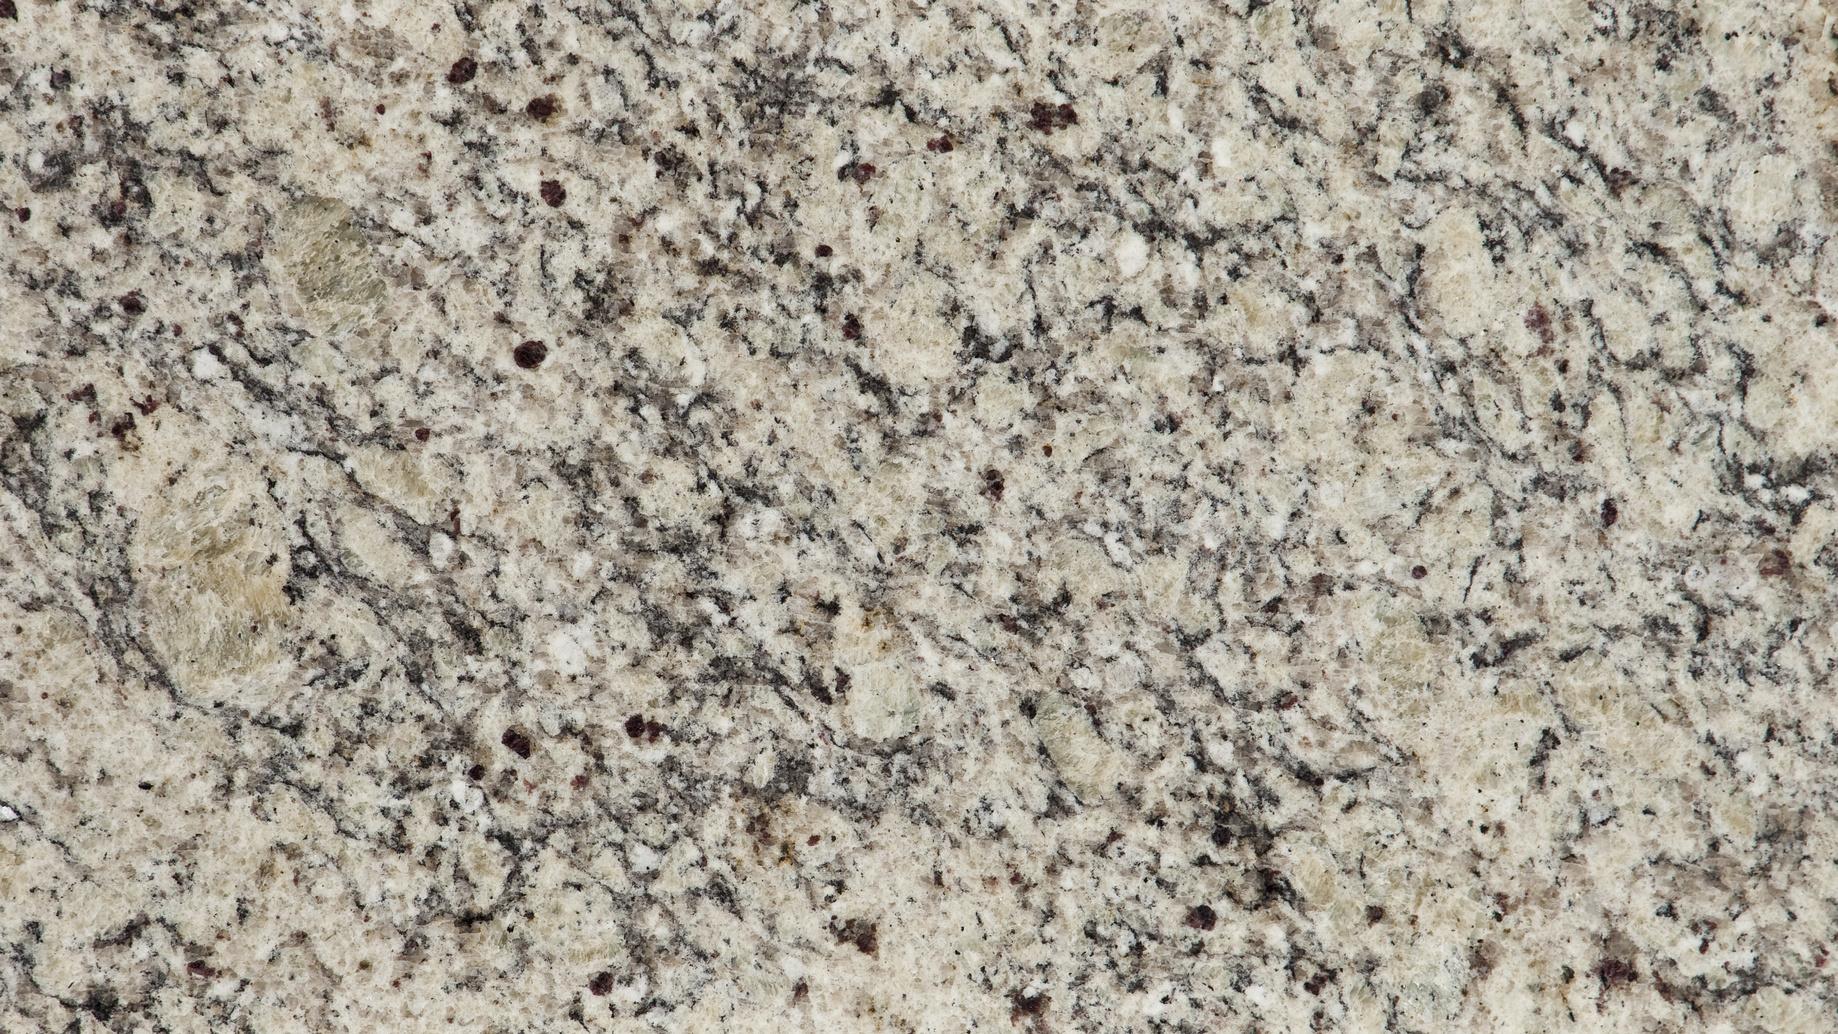 quartz or granite countertop